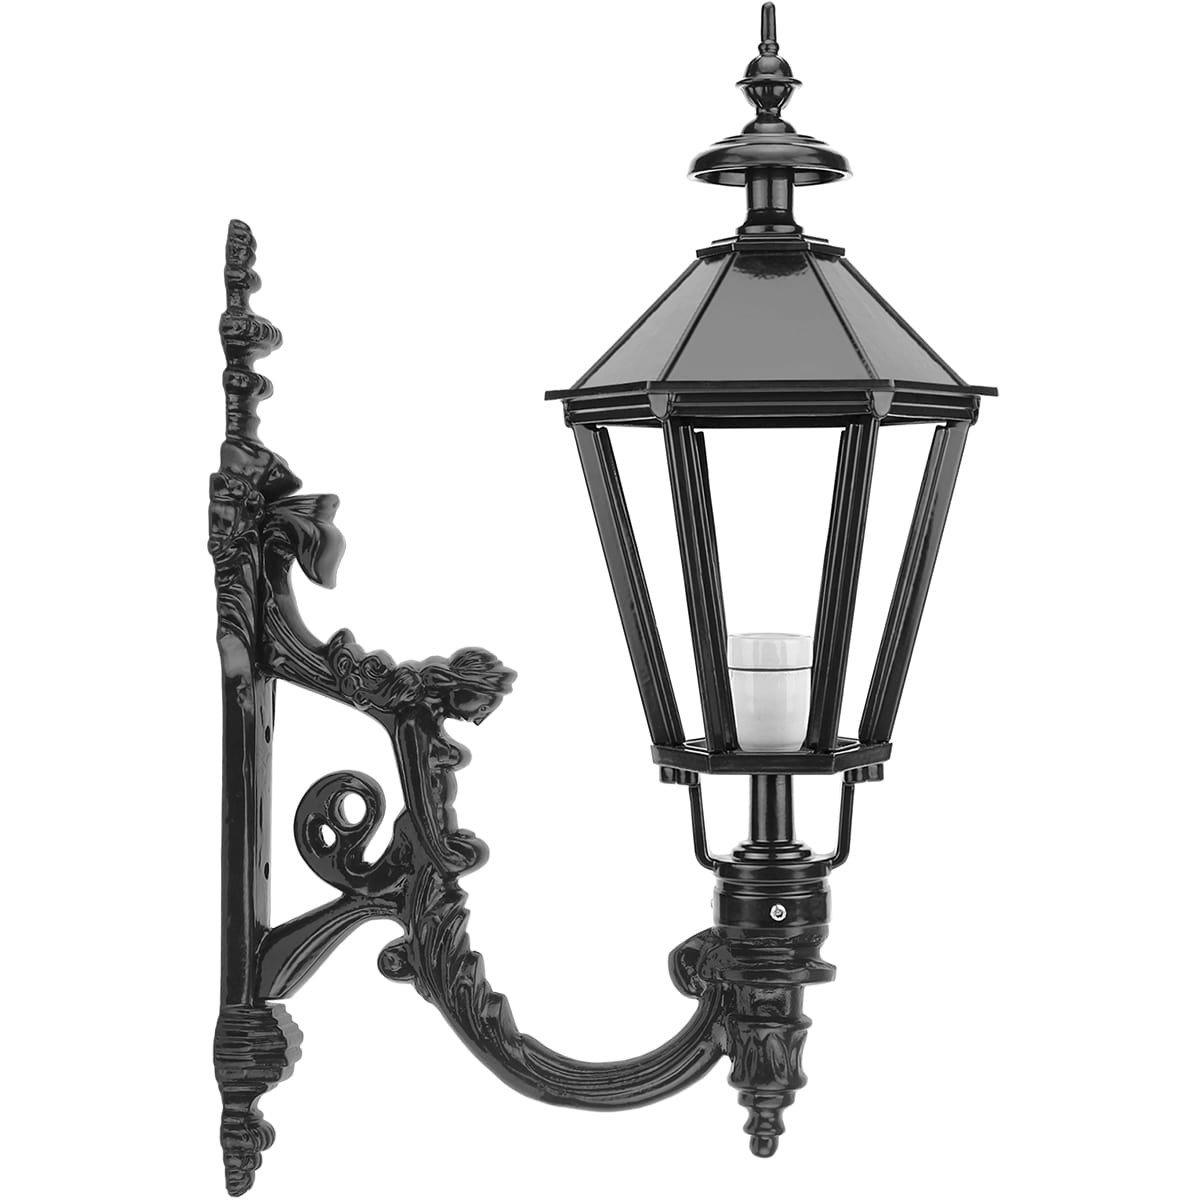 Außenbeleuchtung Klassisch Ländlich Wandleuchte Sechseck Augustinusga - 78 cm